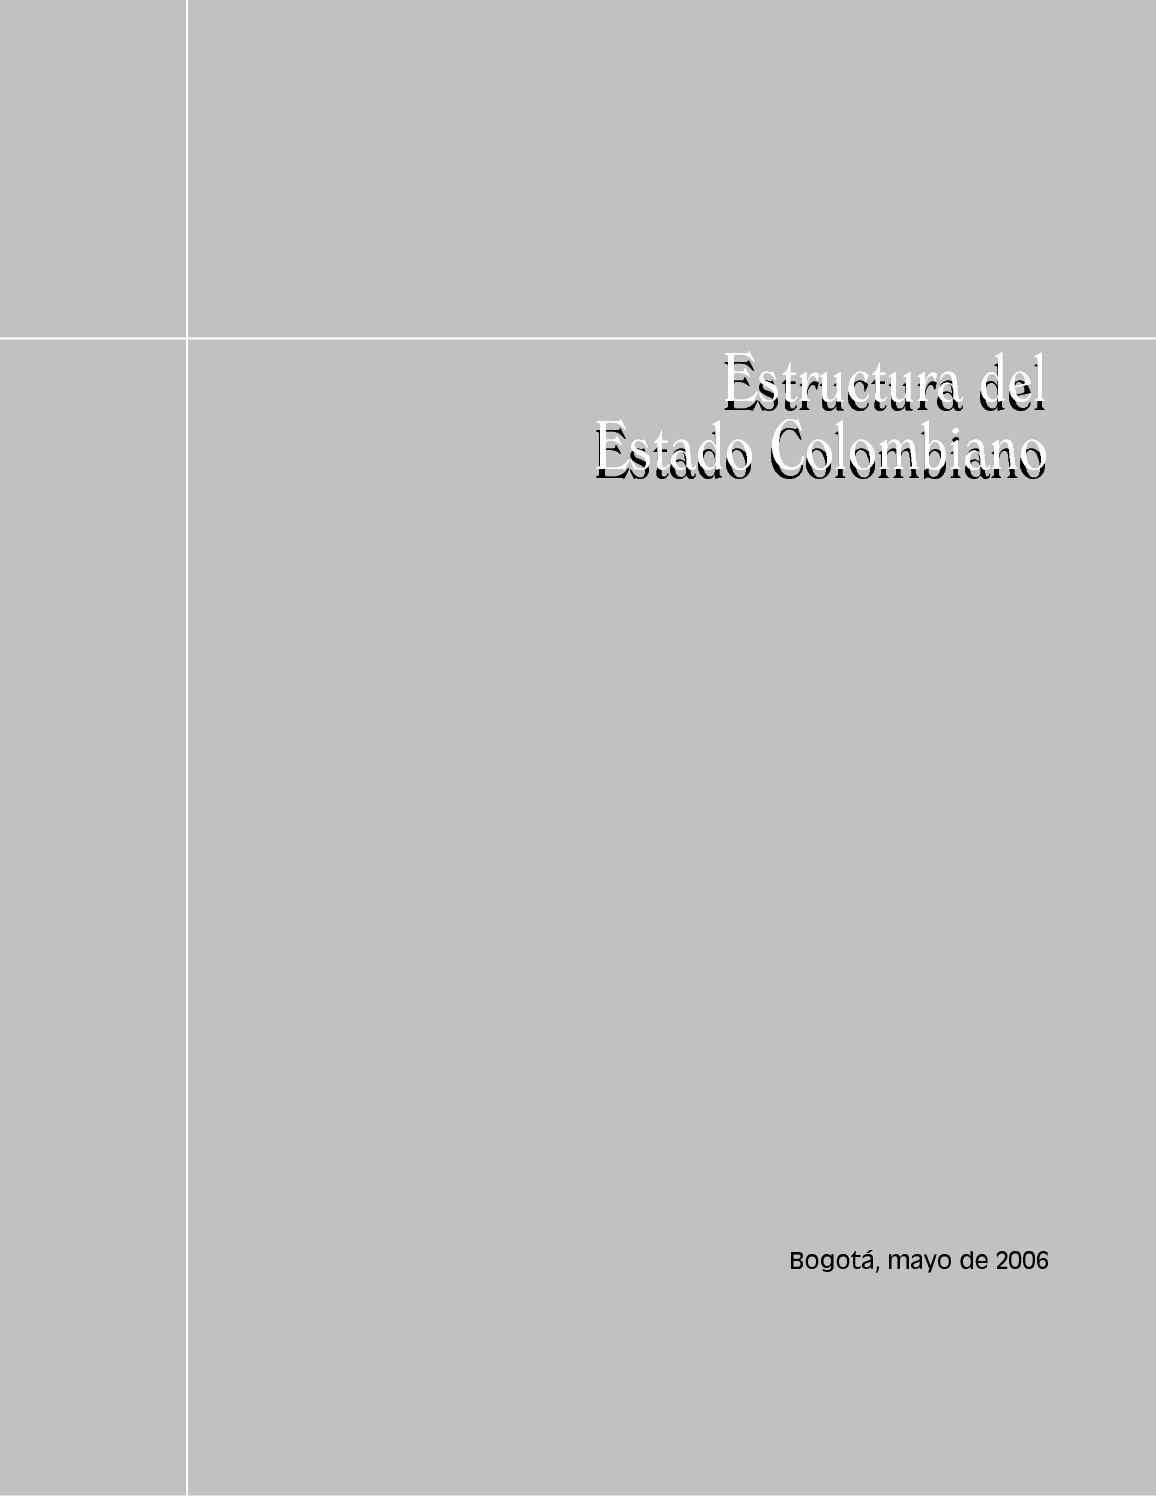 Calaméo Manual De Estructura Del Estado Colombiano